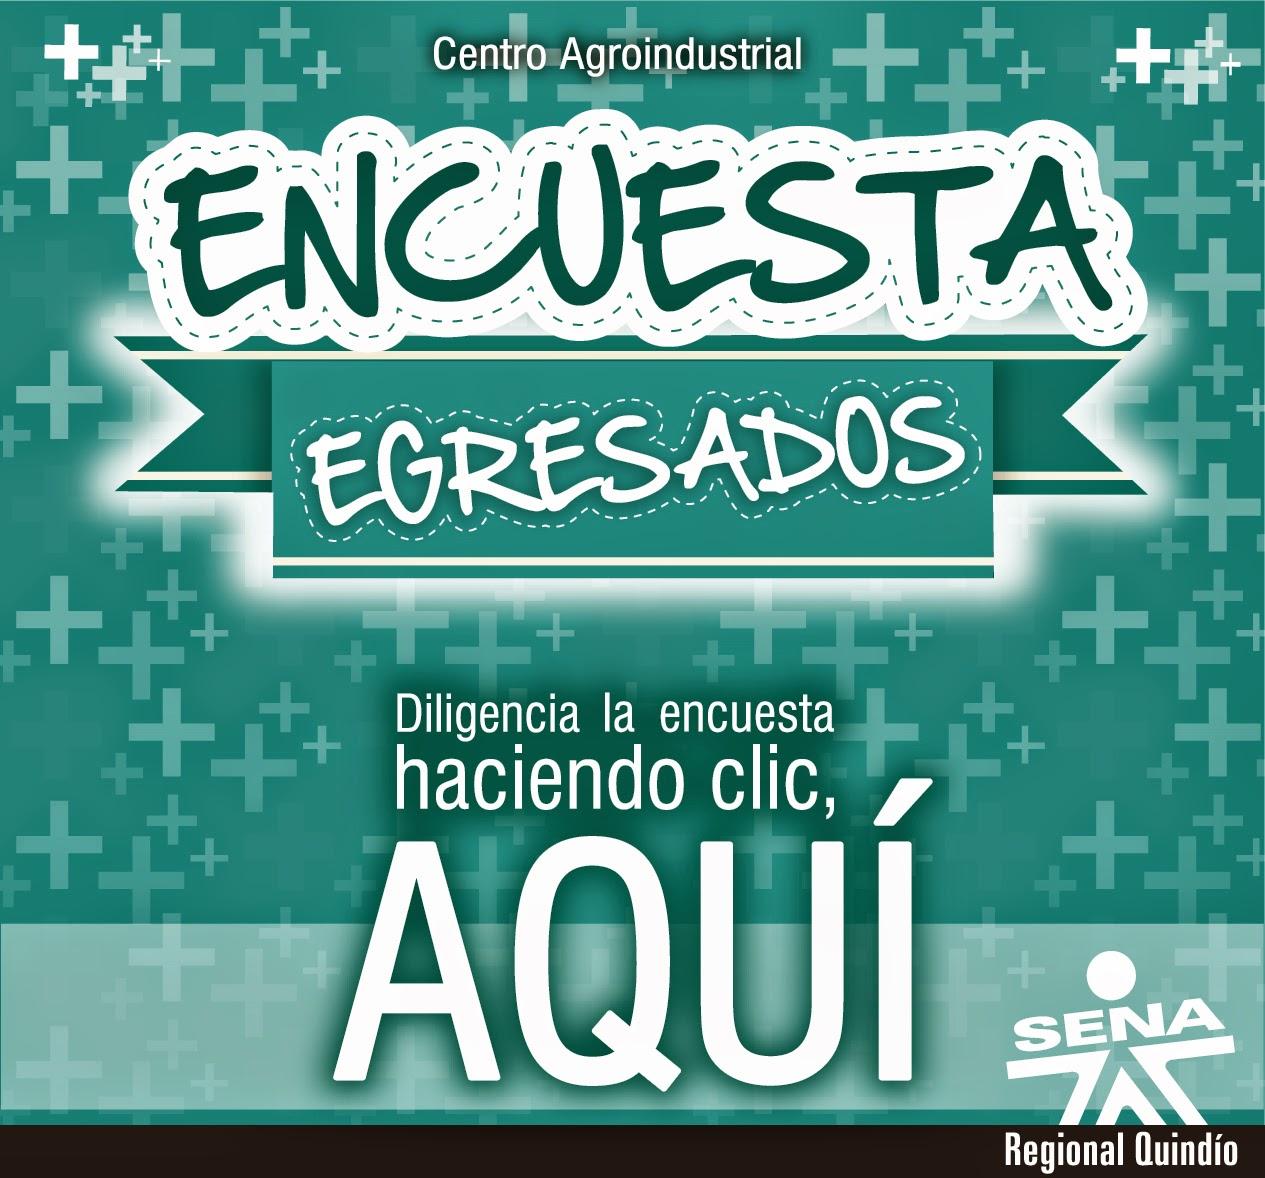 Encuesta Egresados - Centro Agroindustrial